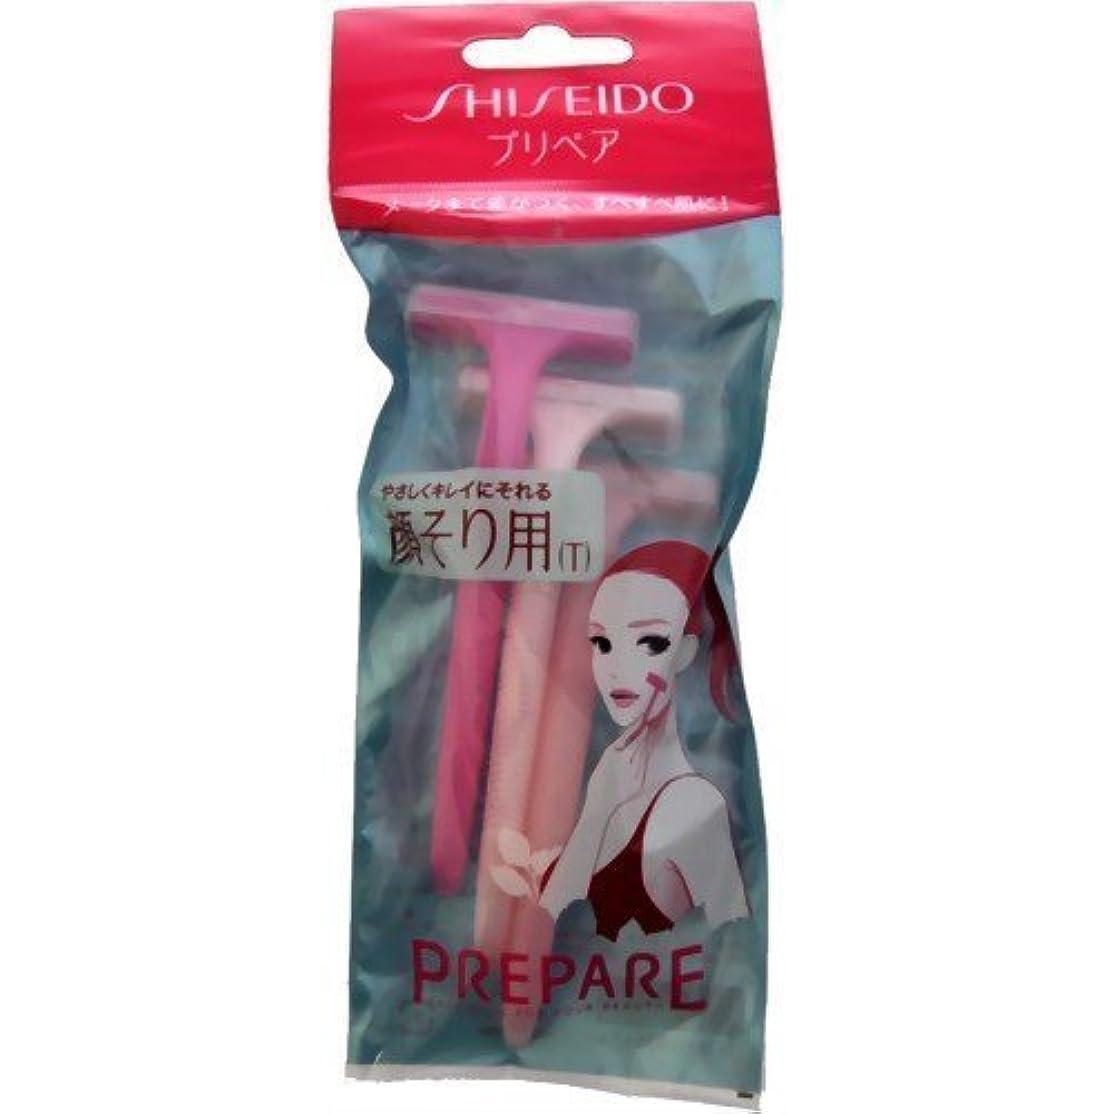 トムオードリースアジア司法【まとめ買い】プリペア 顔そり用T 3本入 ×2セット